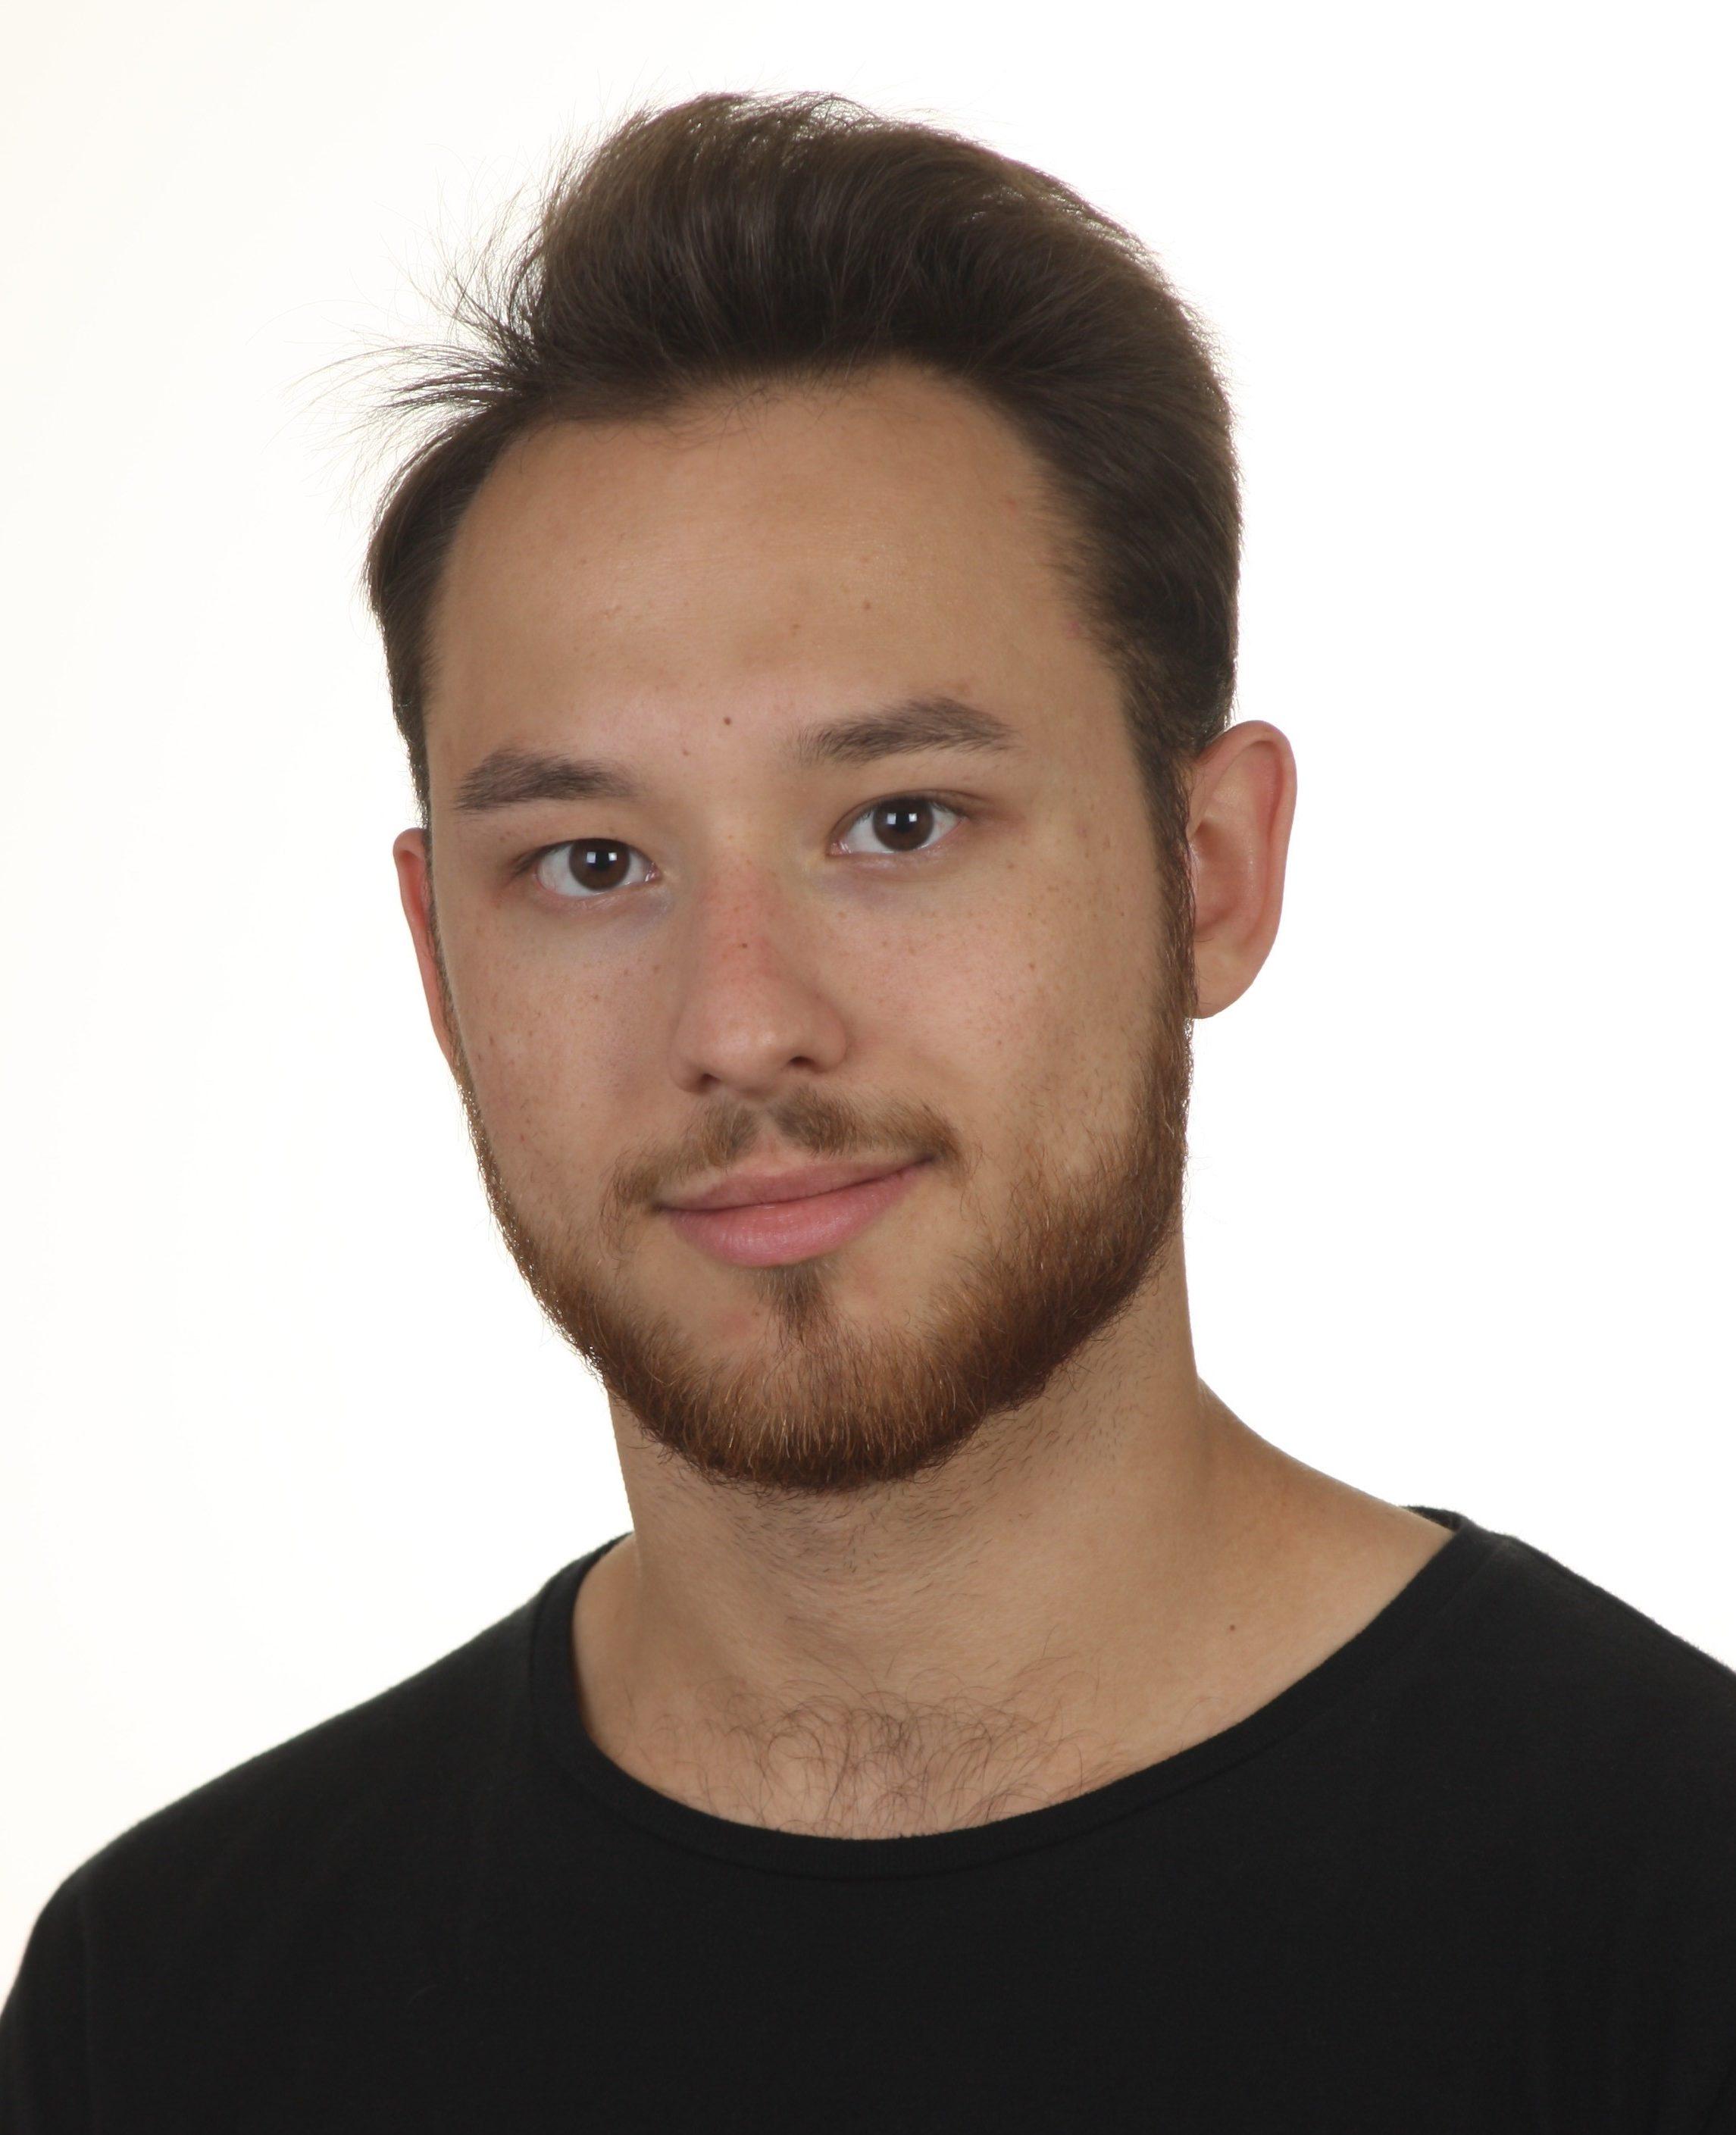 Oskar Zdunek